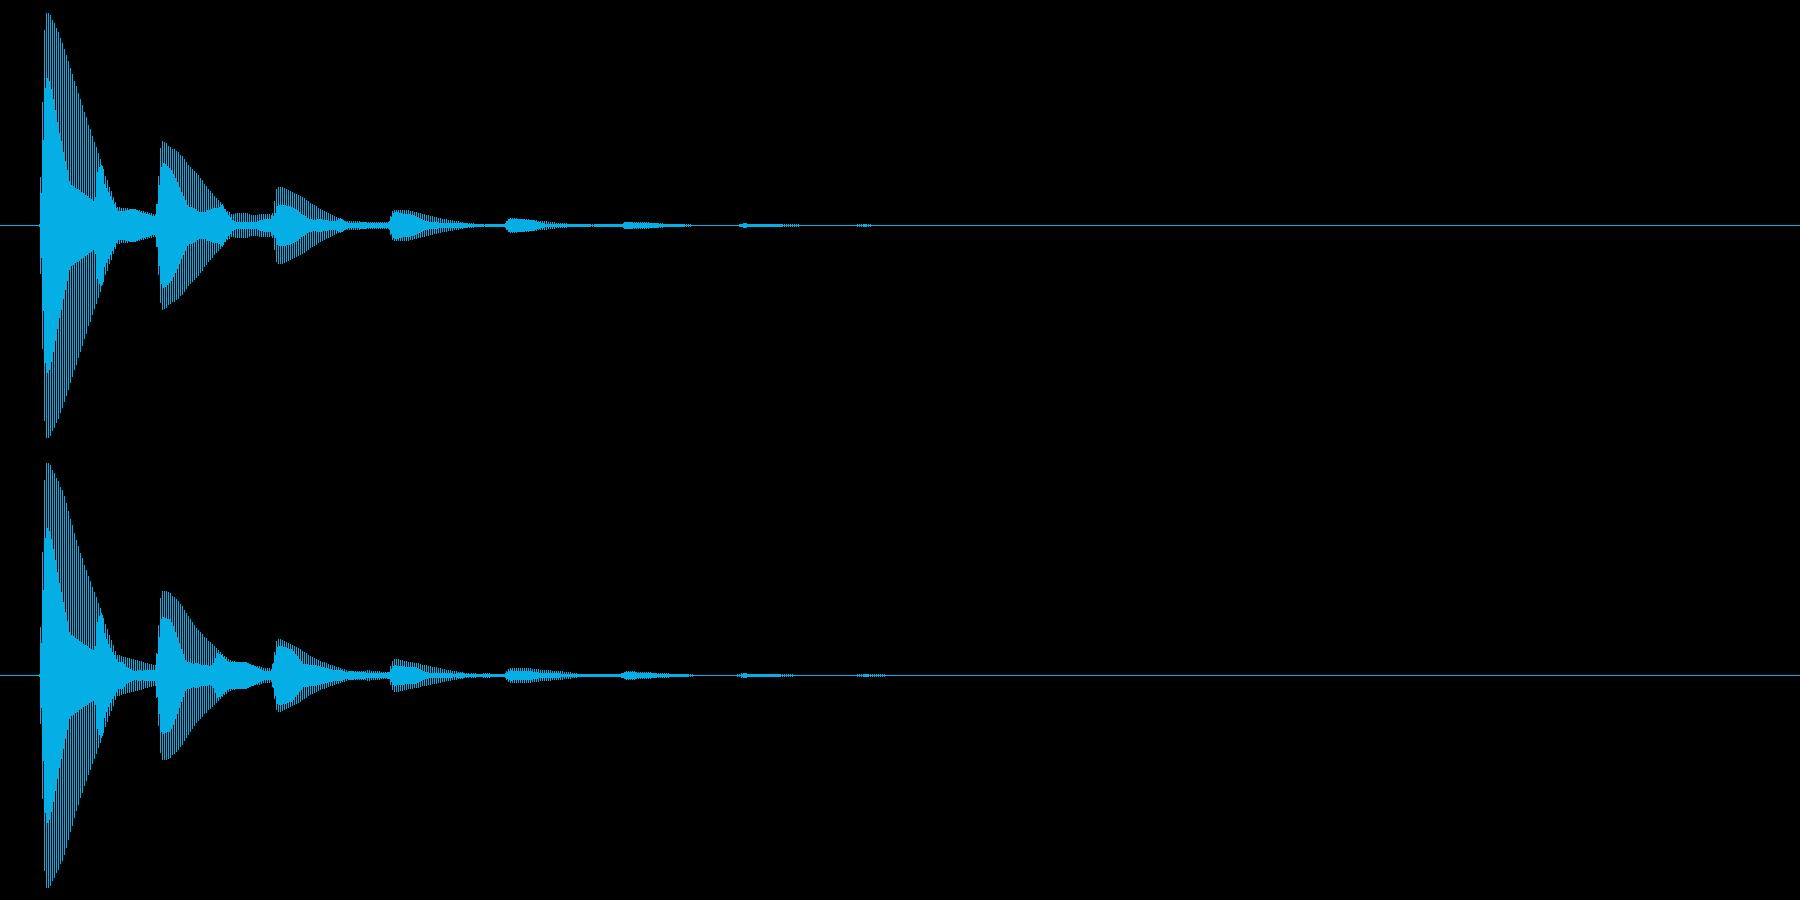 ピッ(カーソル、余韻有り) 04の再生済みの波形